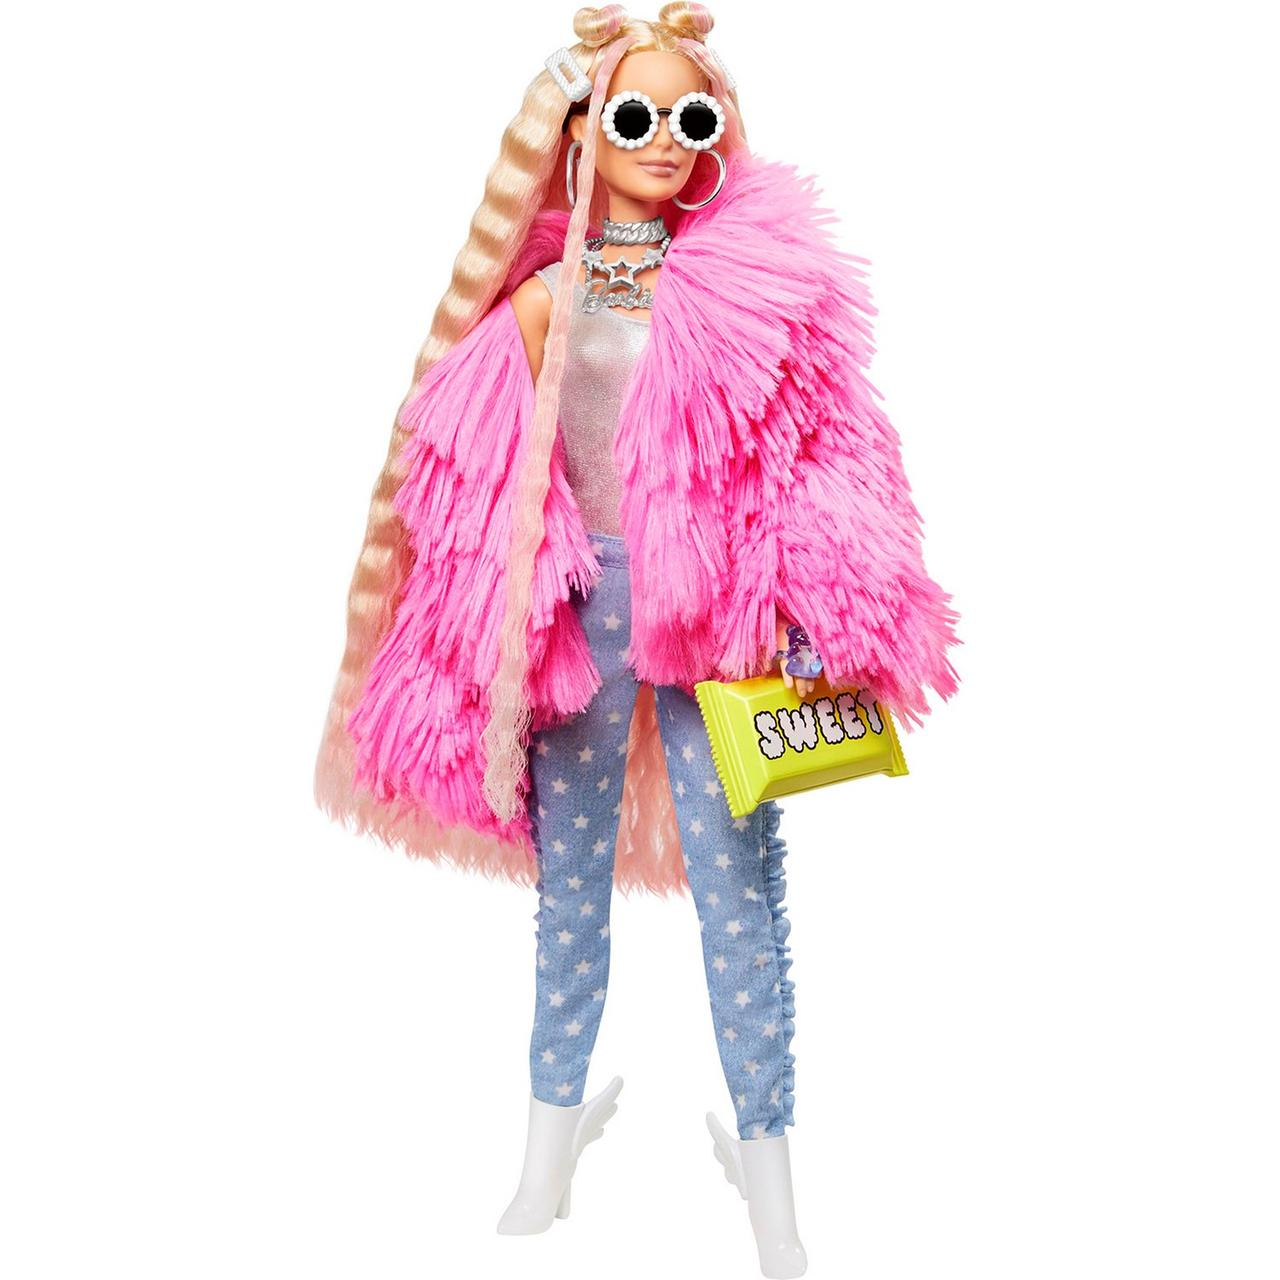 Barbie Экстра Модная Кукла в розовой куртке №3, Барби